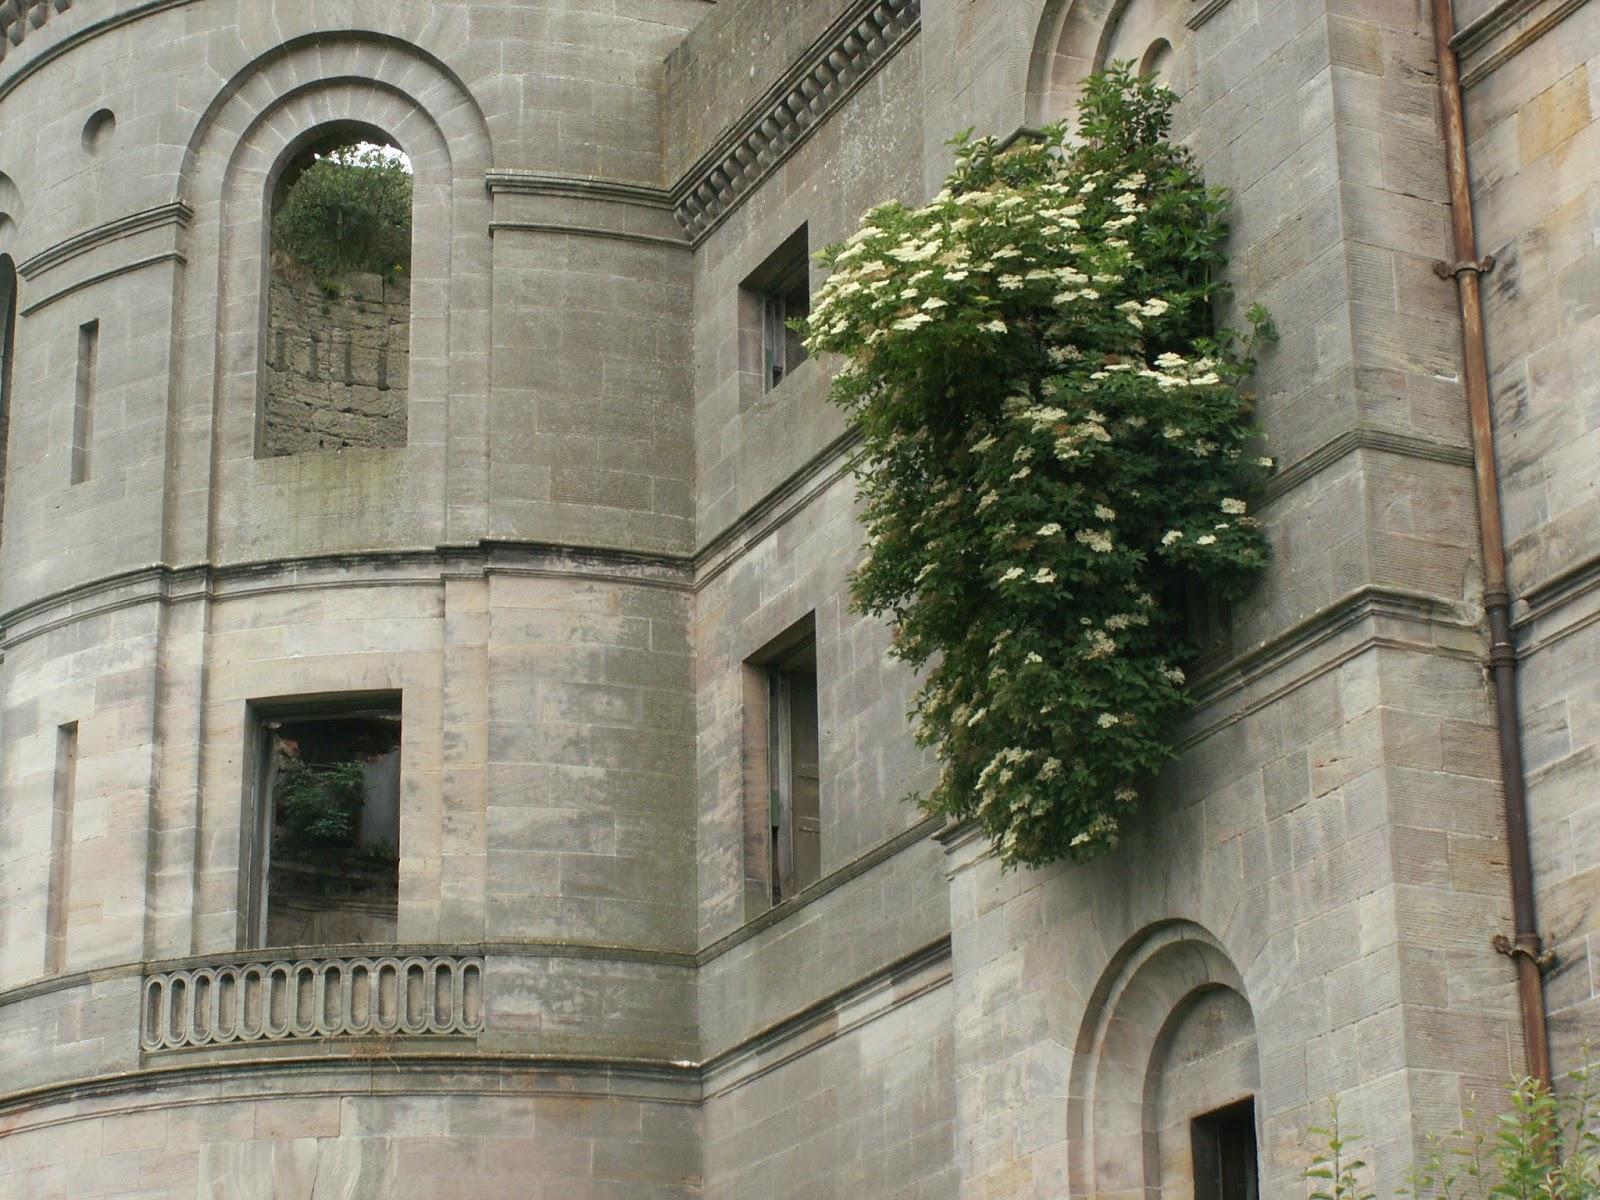 cubo et excubo: dalquharran castle